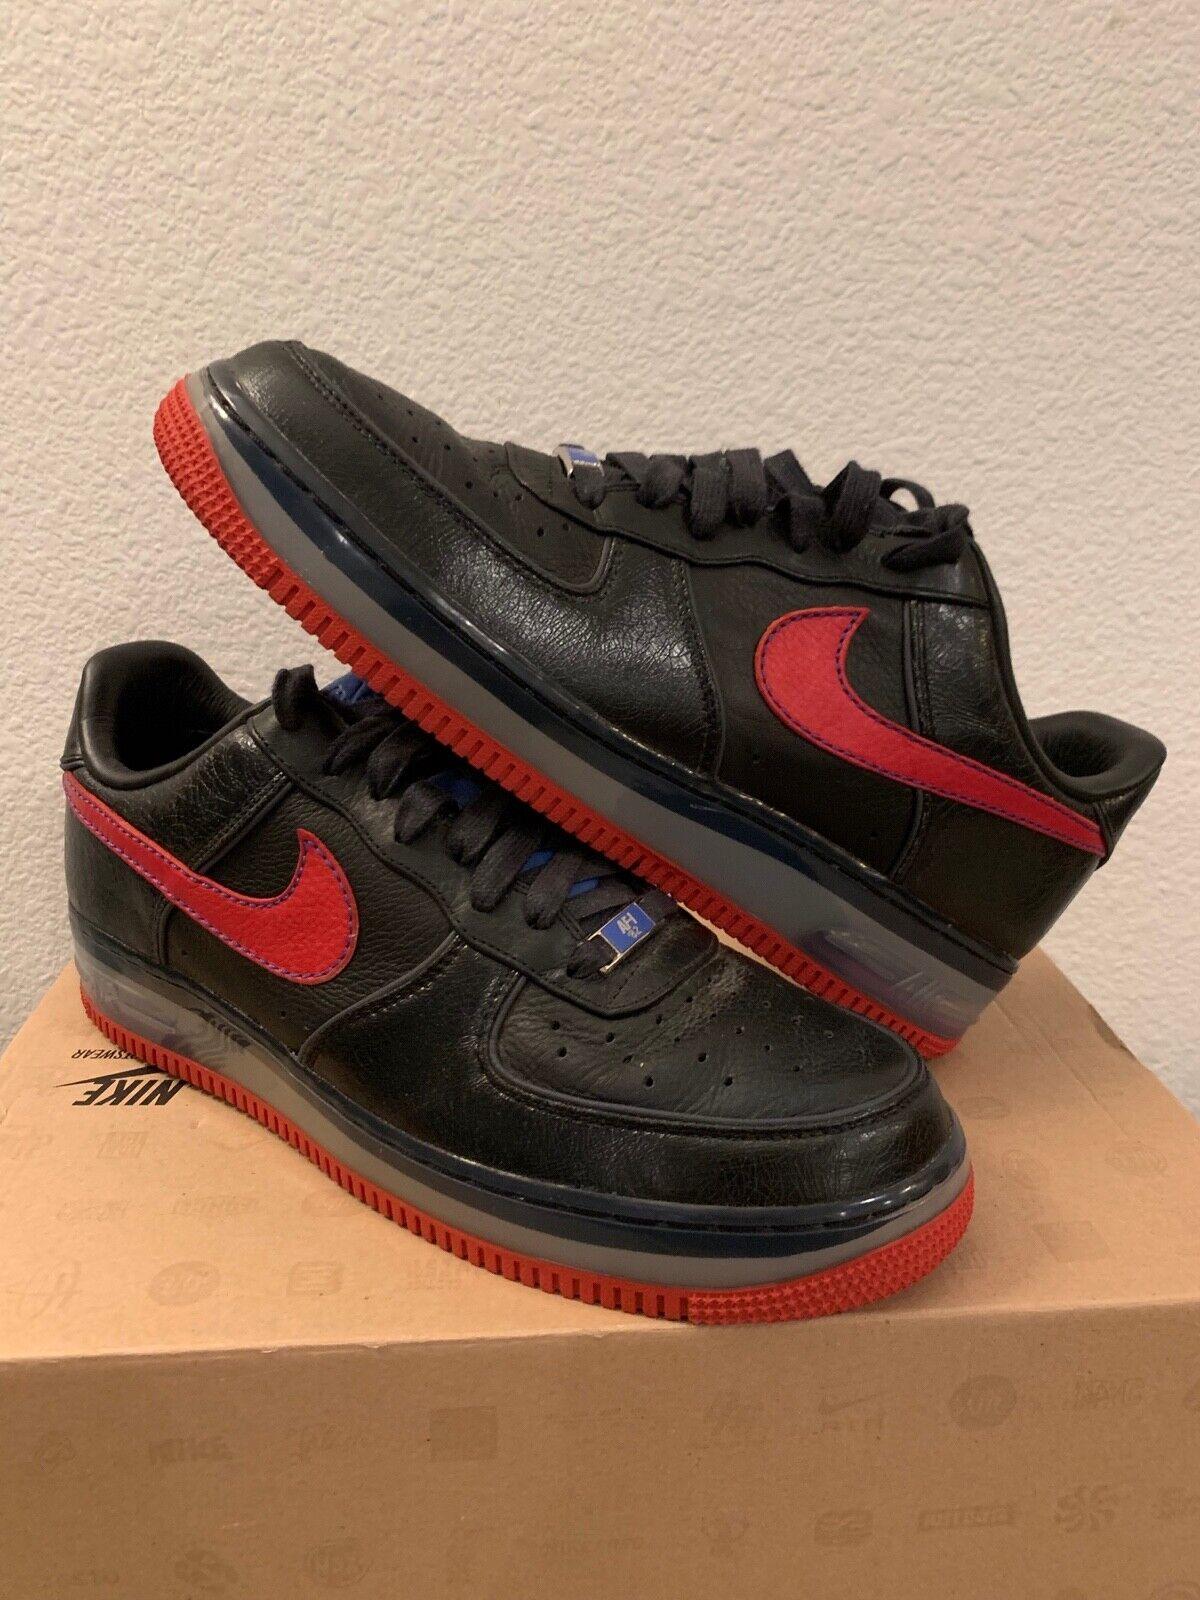 47e6571d5b Nike Air Force 1 07 07 07 Low Supreme Max Air Paris Edition 316666-061